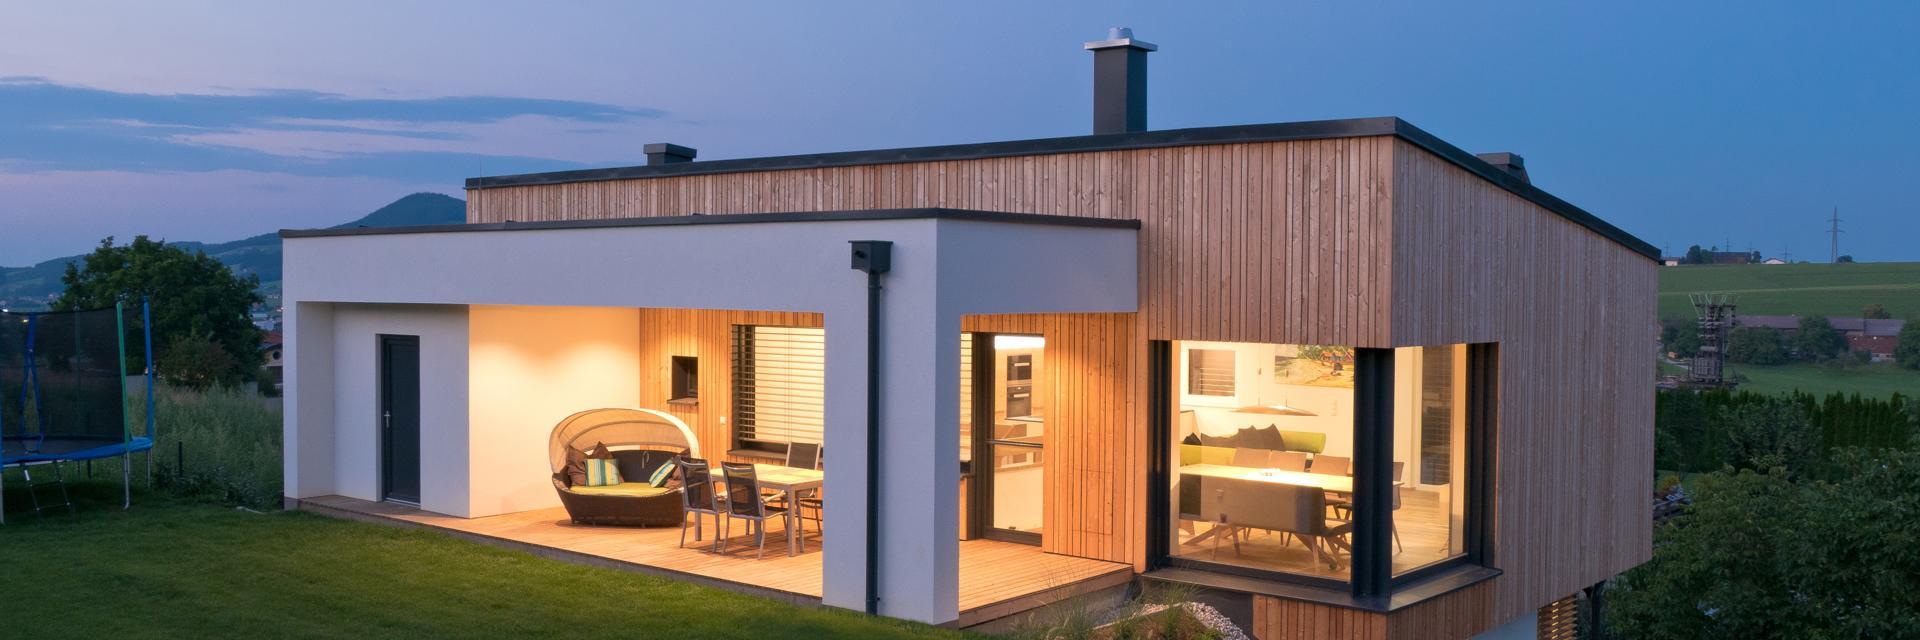 ADLHART-Architekten_Einfamilienhaus-Obertrum-Holzfassade